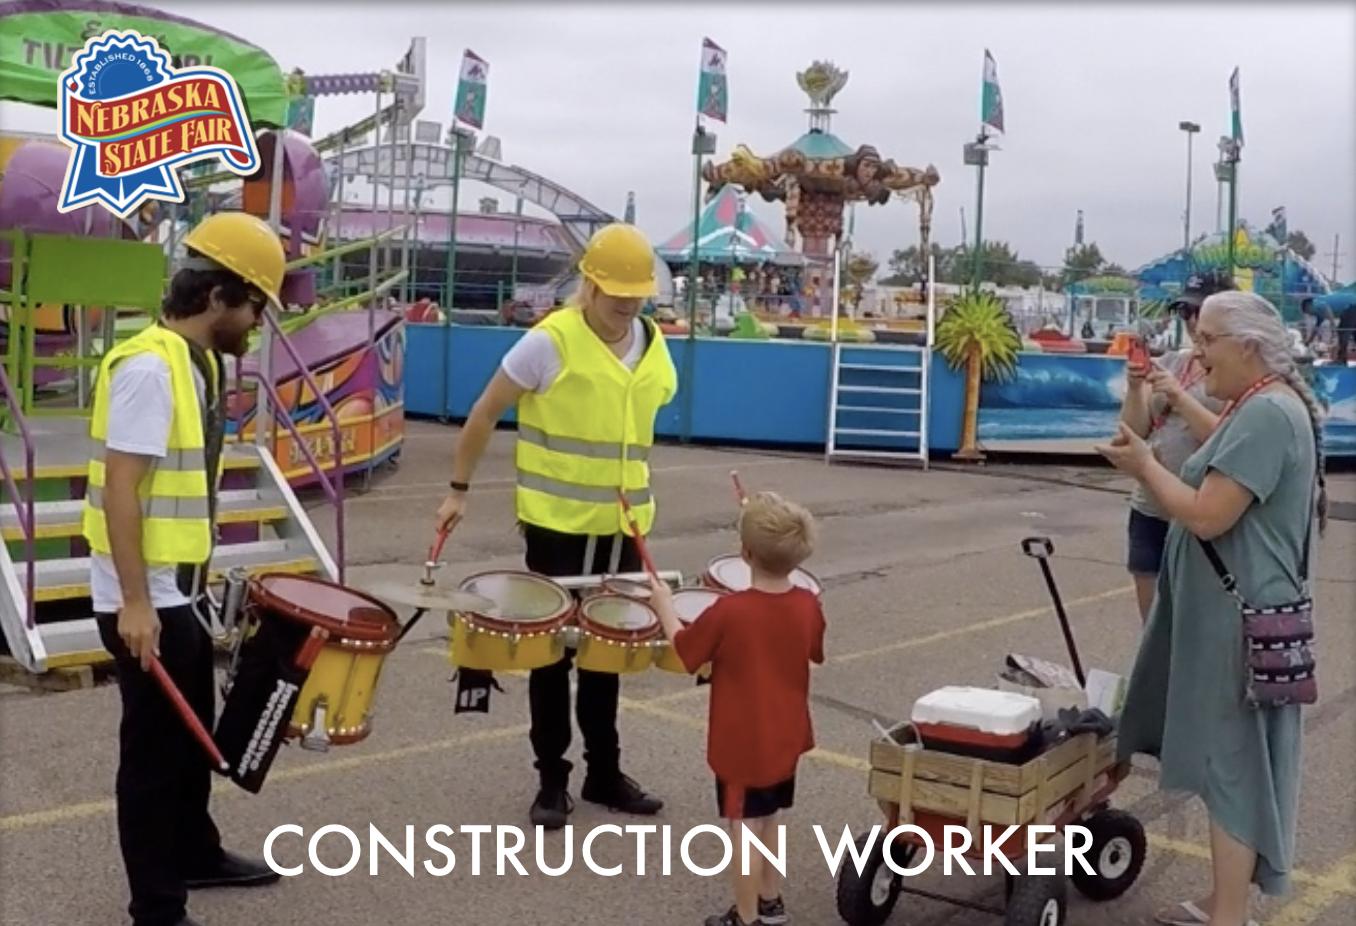 Fair Construction Worker